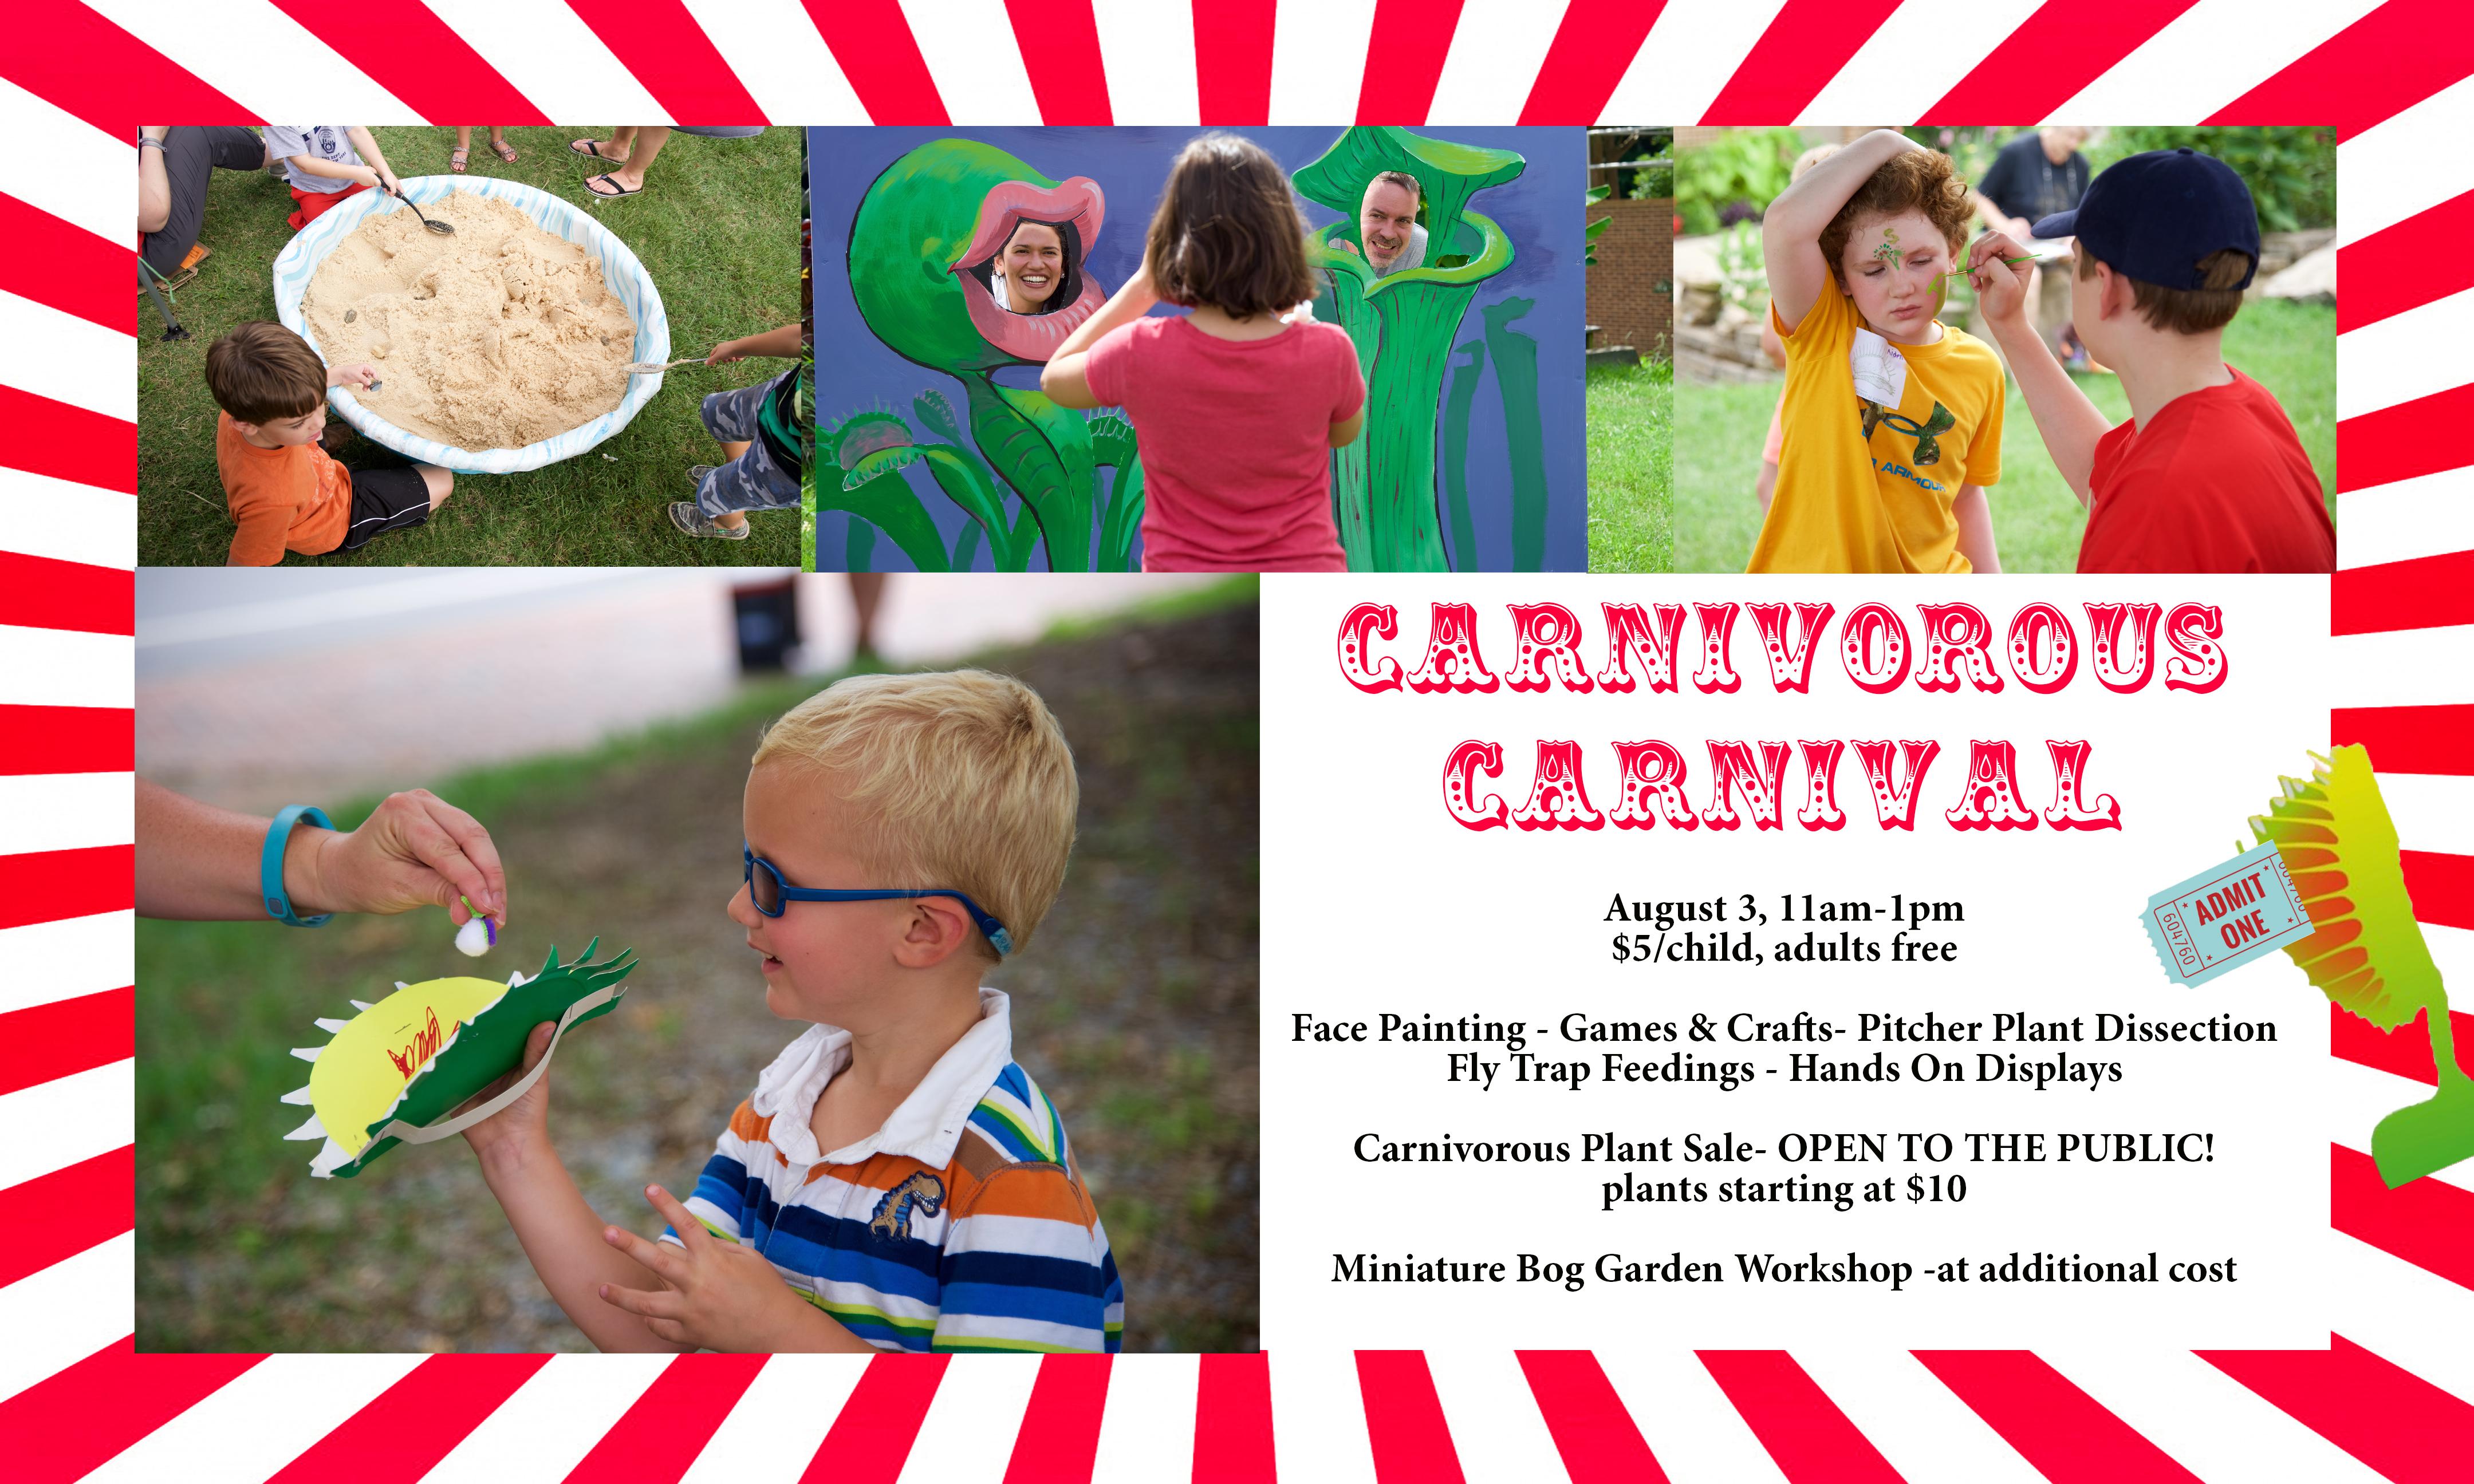 carnivorous carnival uncc venus flytrap